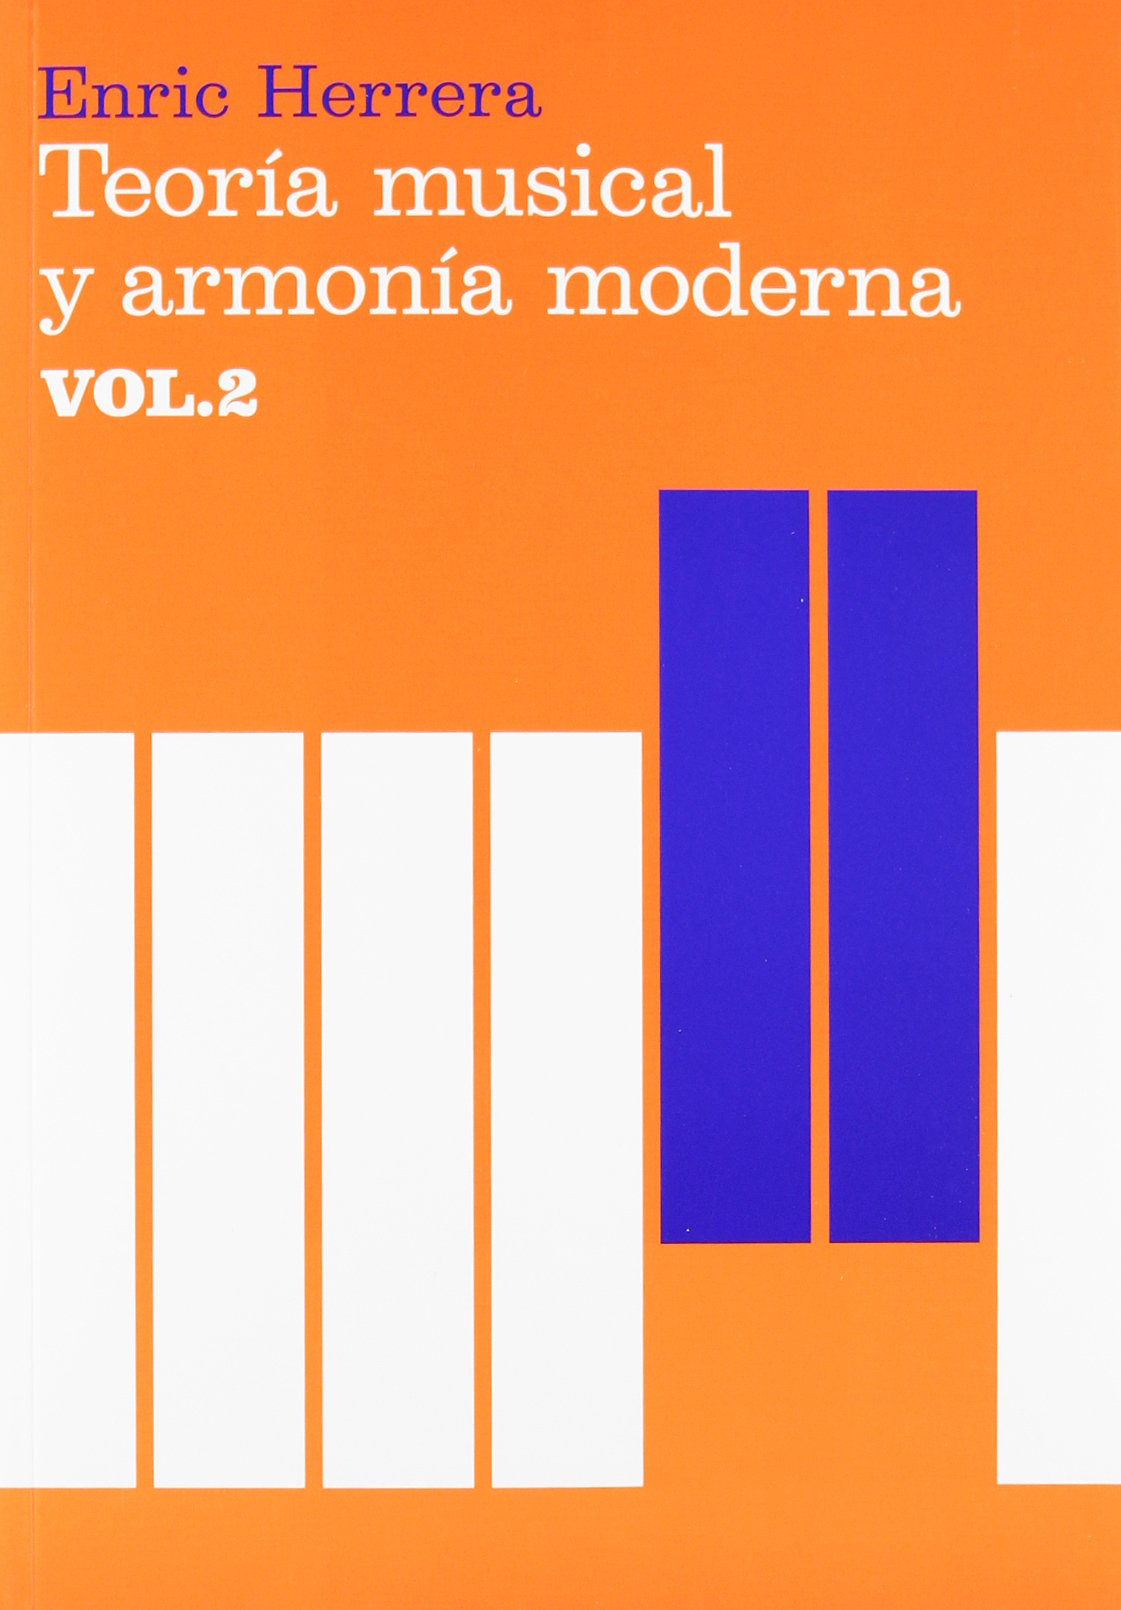 Teoría musical y armonía moderna vol. II (Música): Amazon.es ...